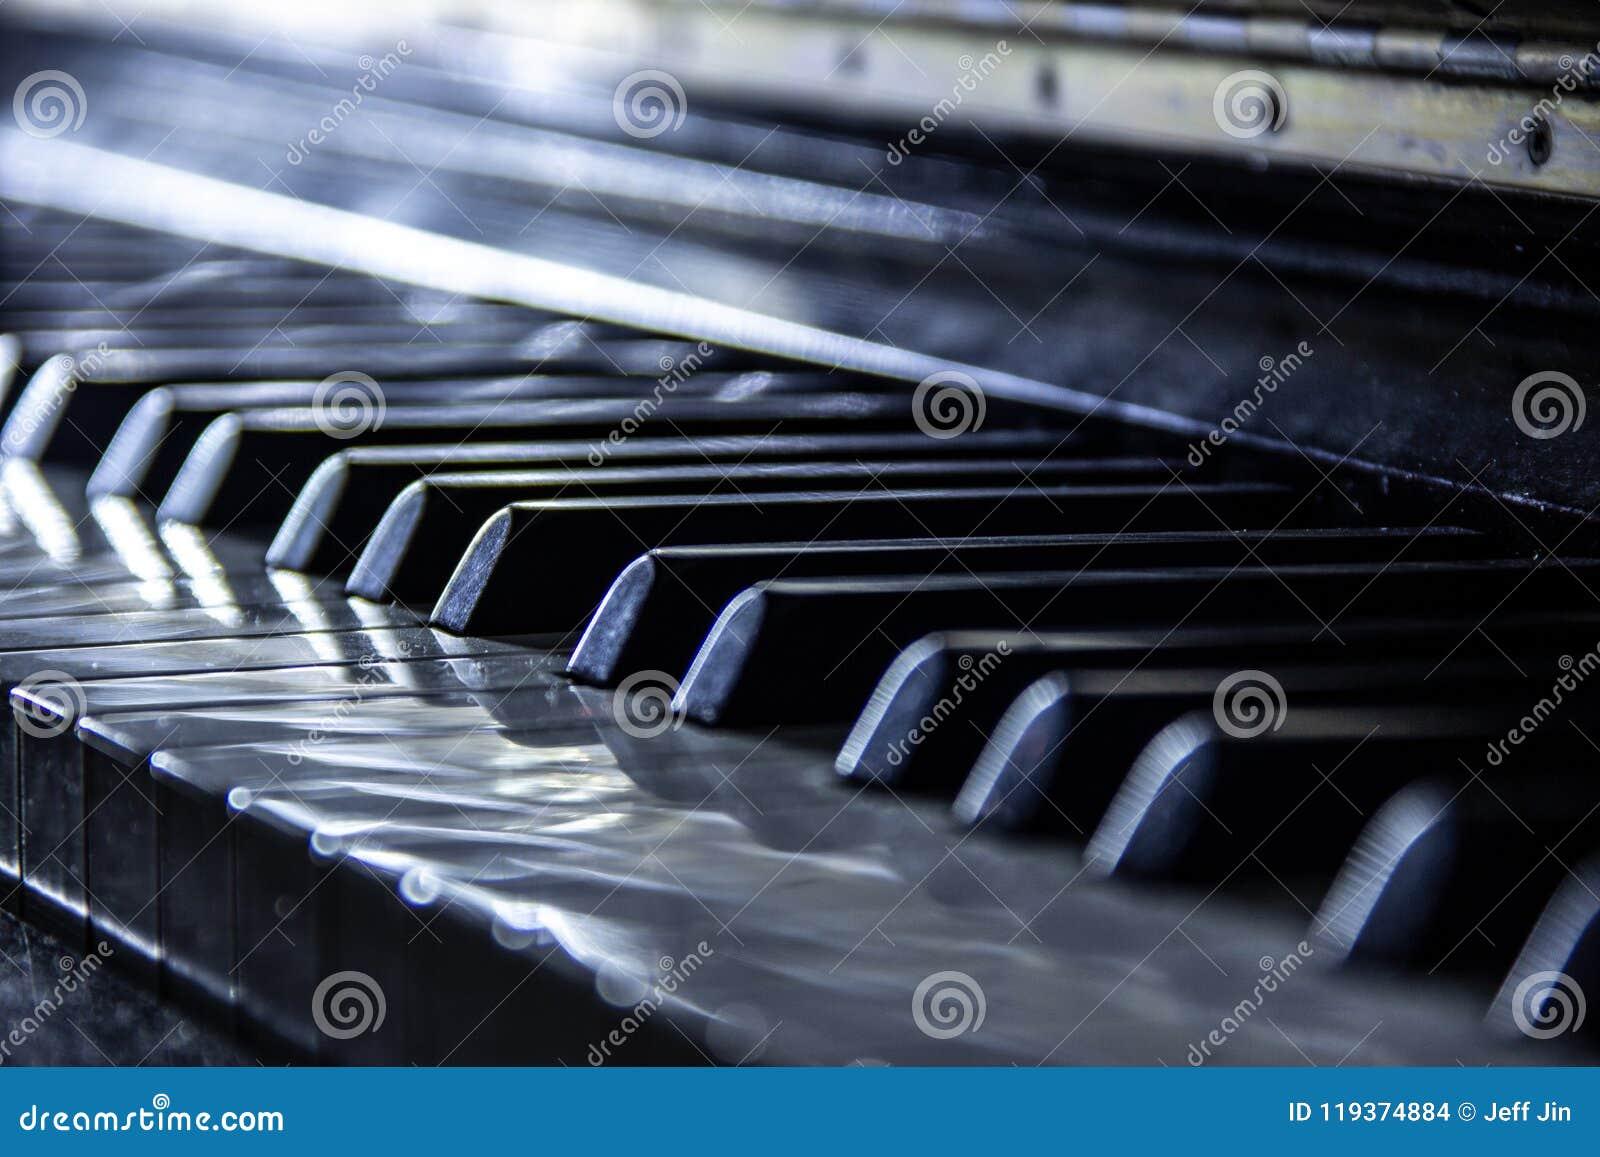 Piano, foyer sélectif, effets nostalgiques, couleur neutre